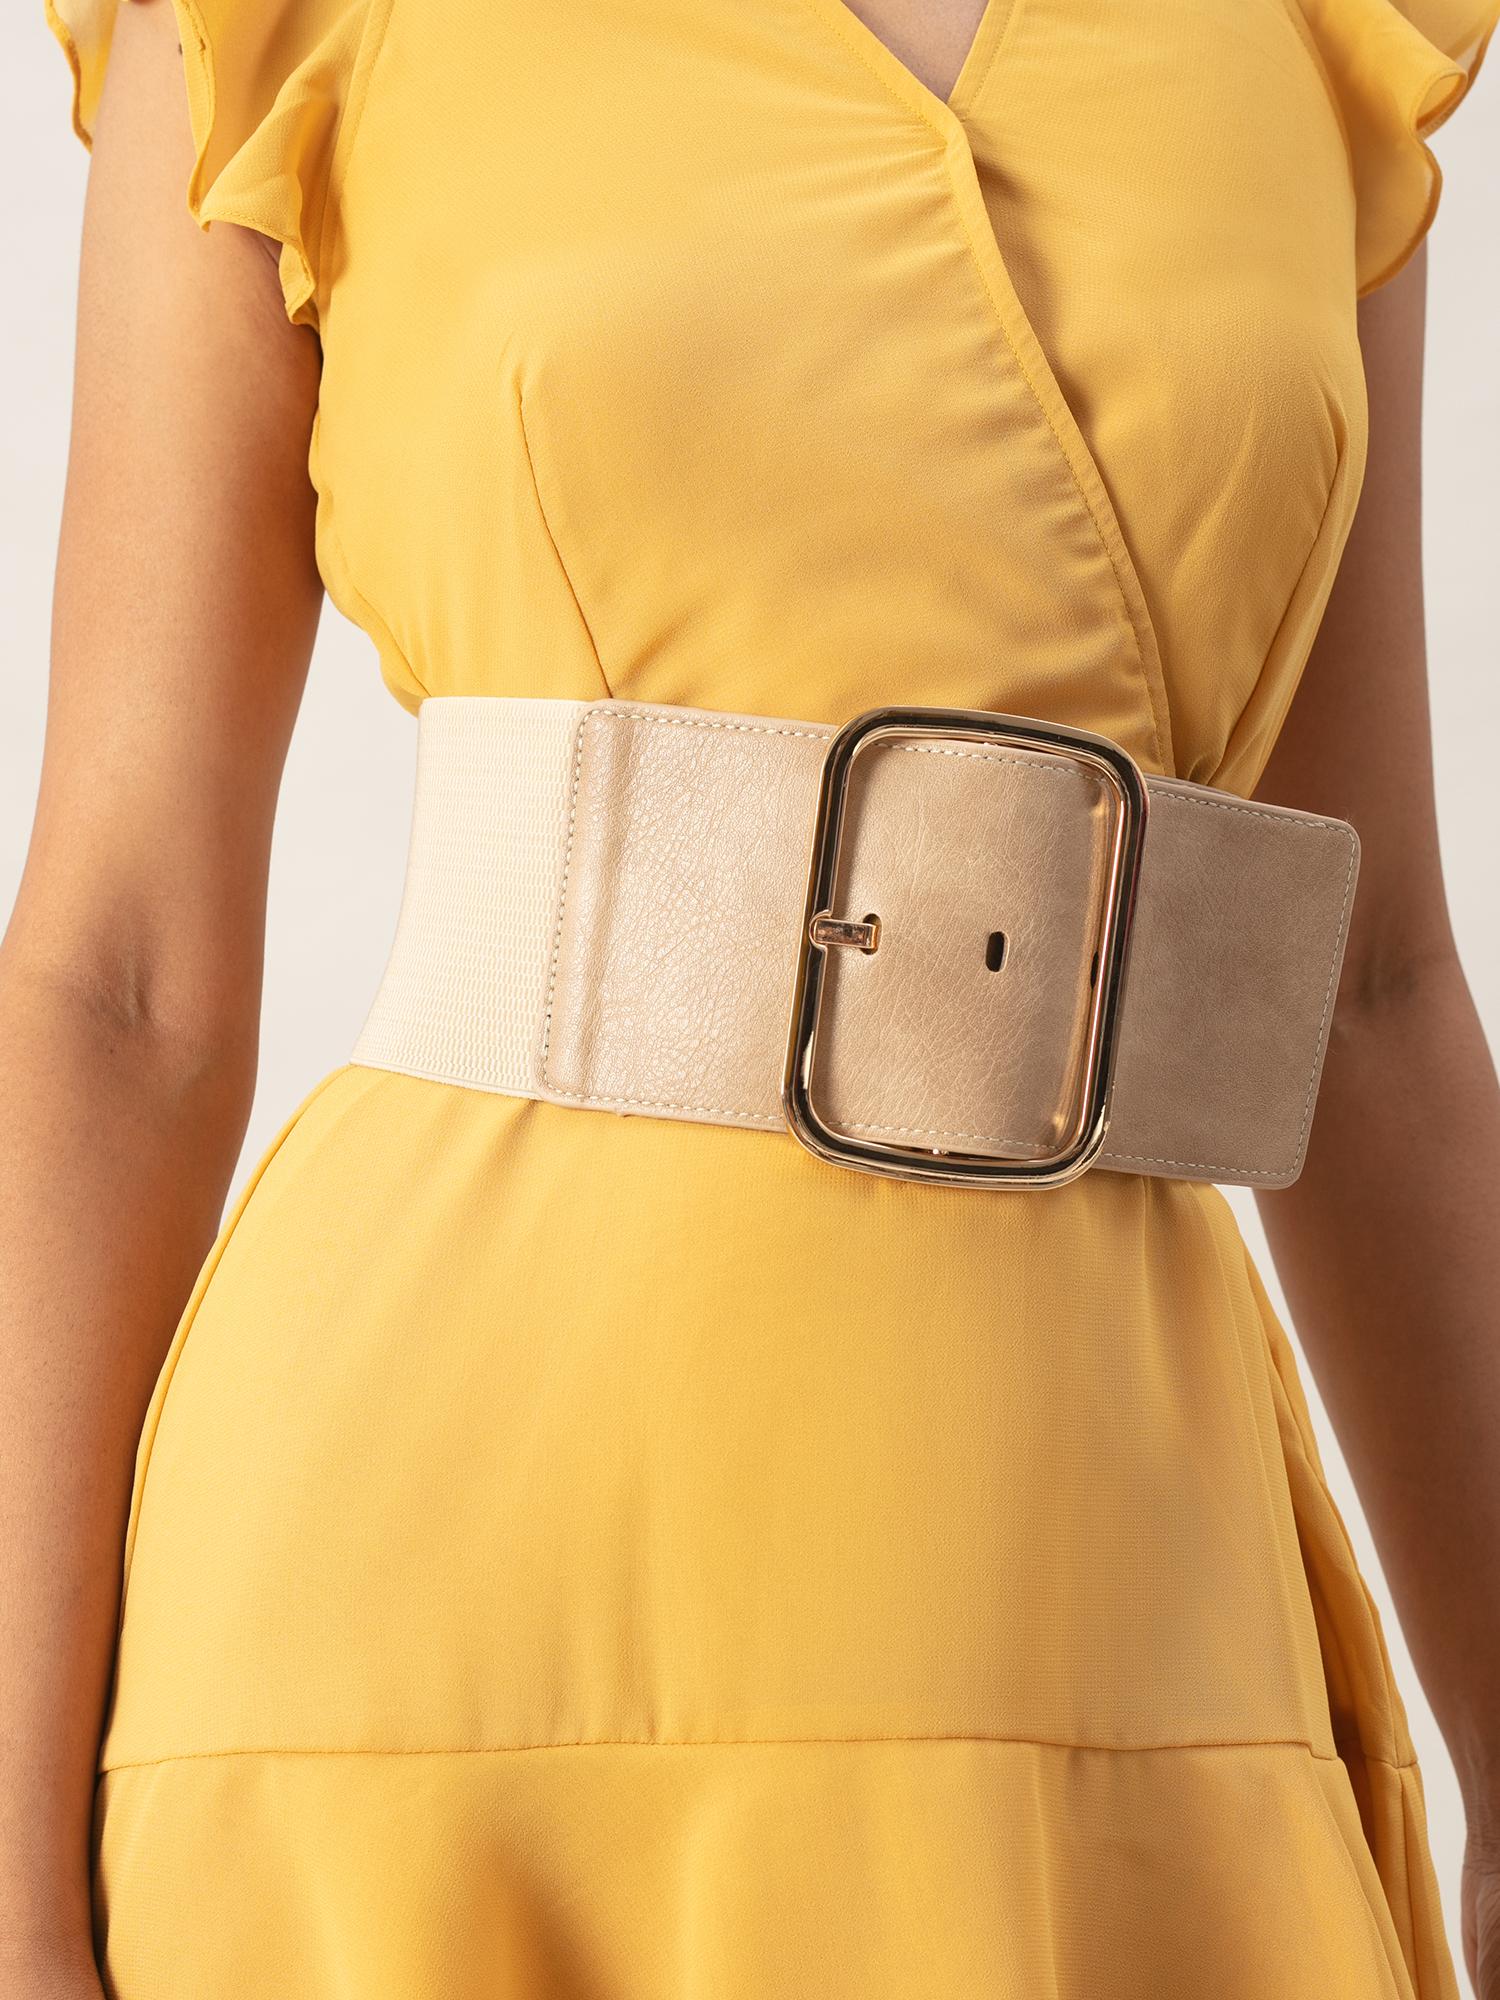 Belts-Beige Box It Up Belt1